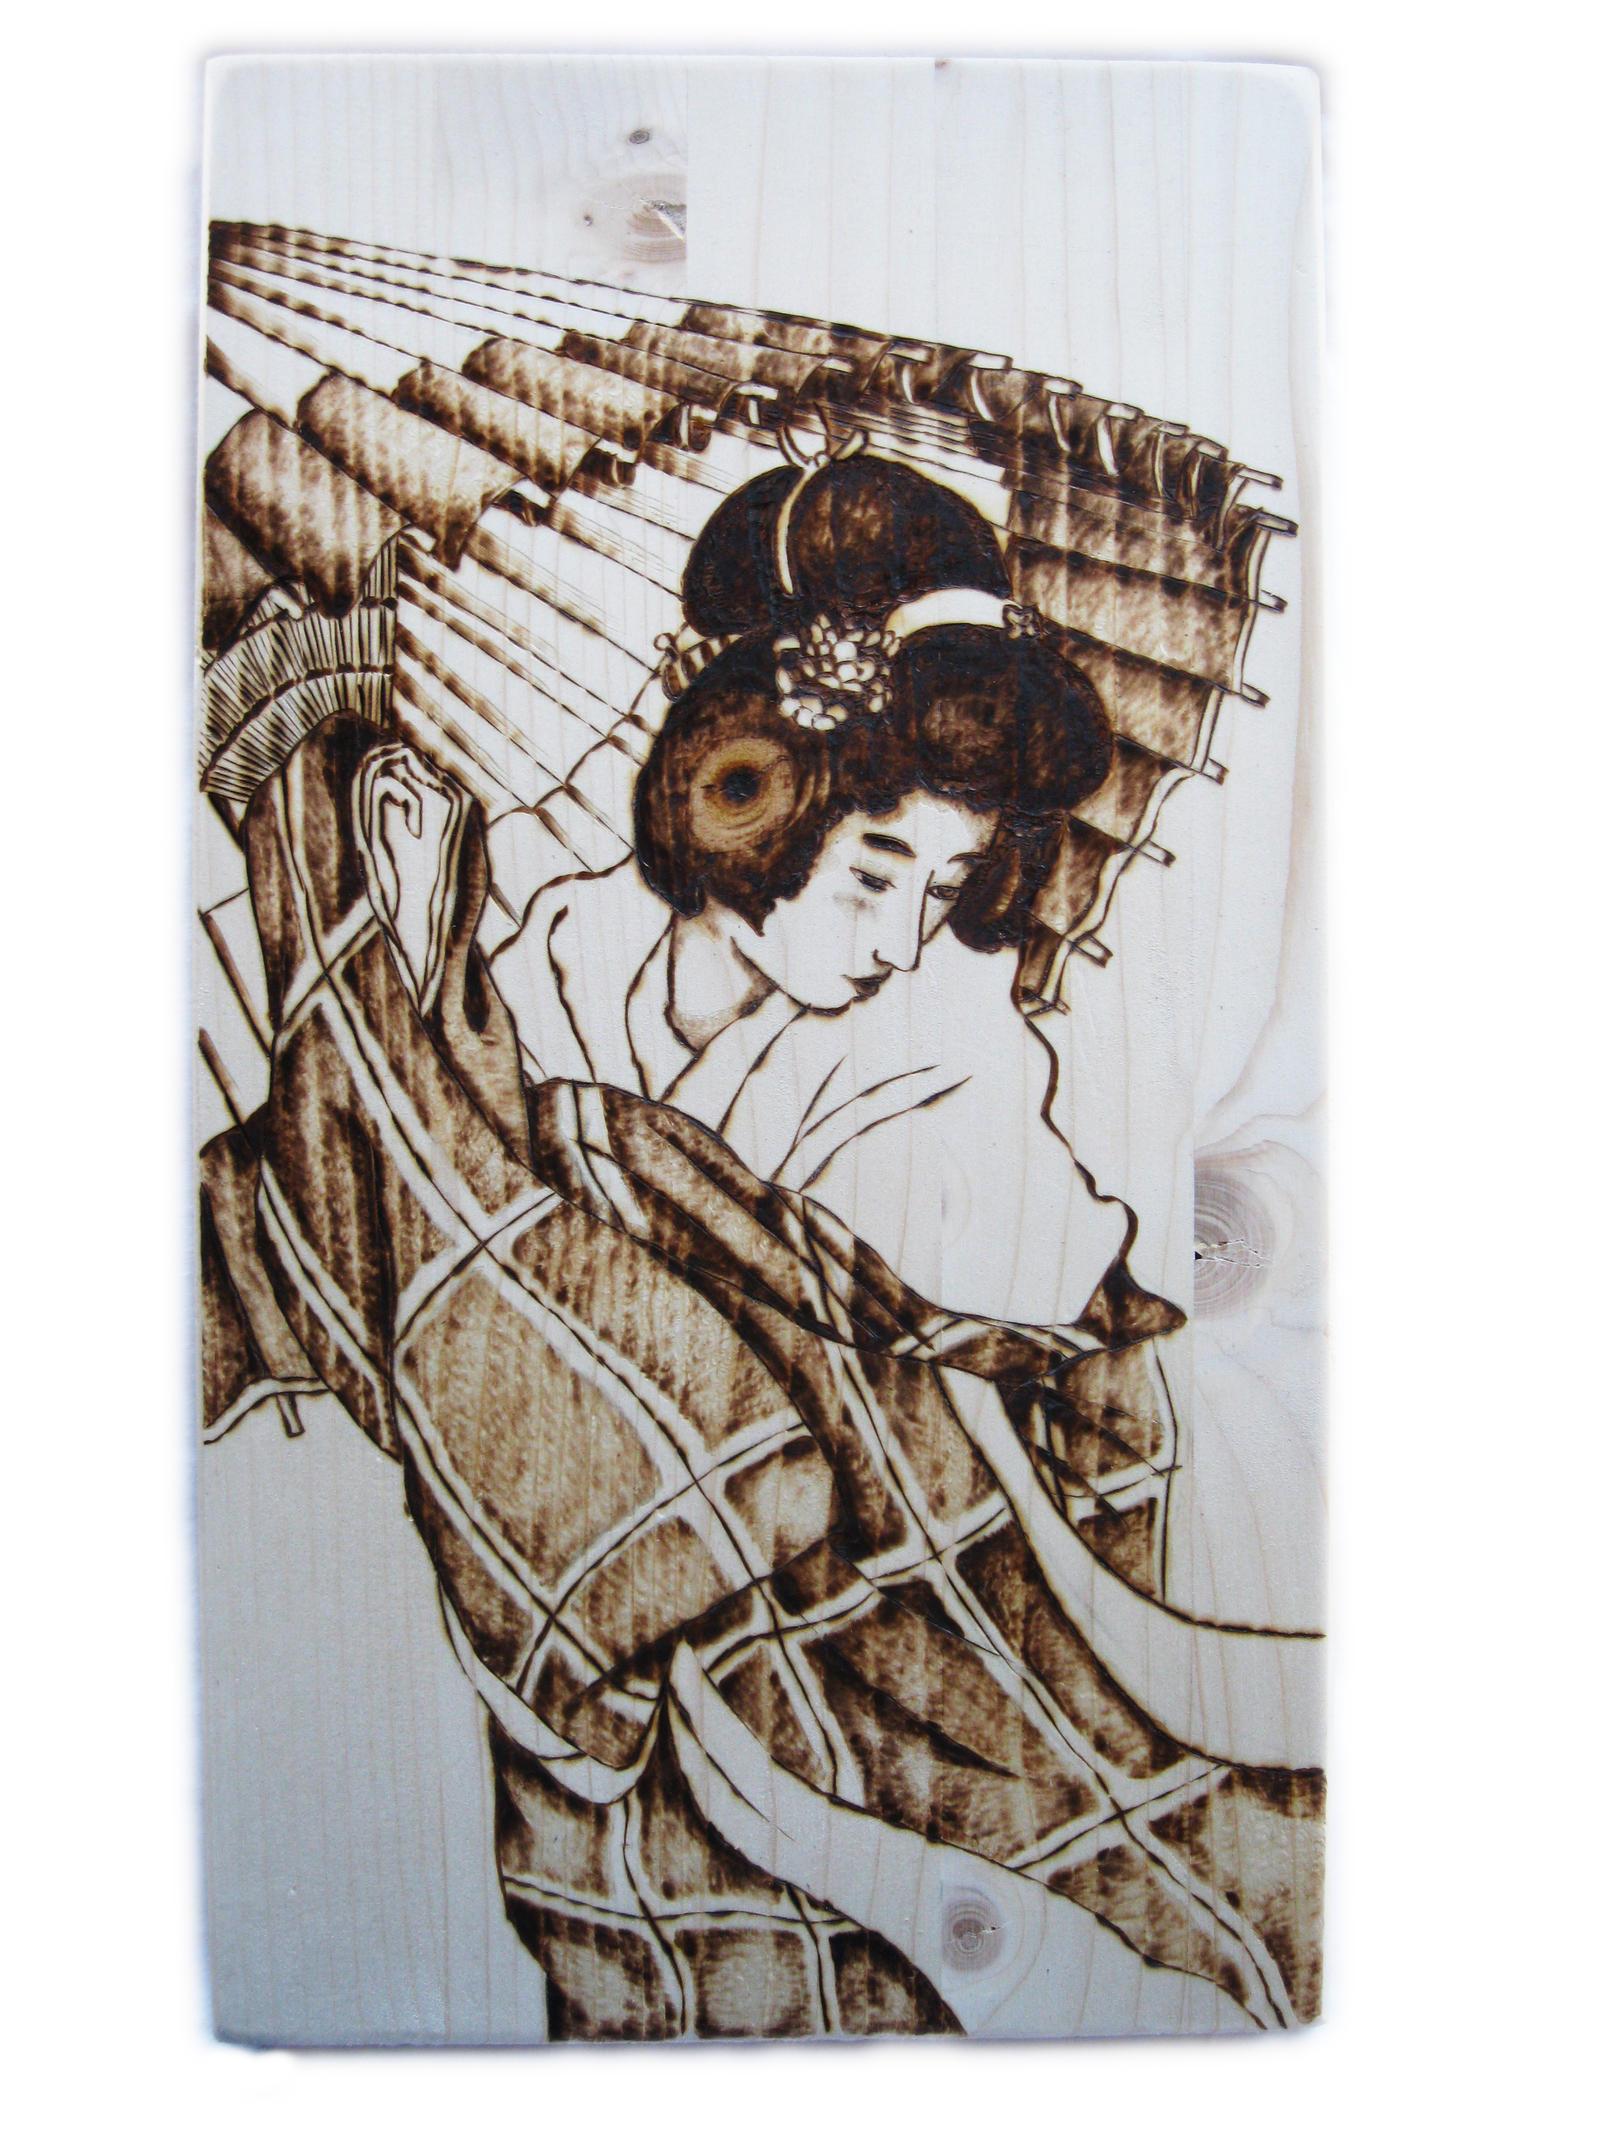 Japanese lady by ChibiPyro